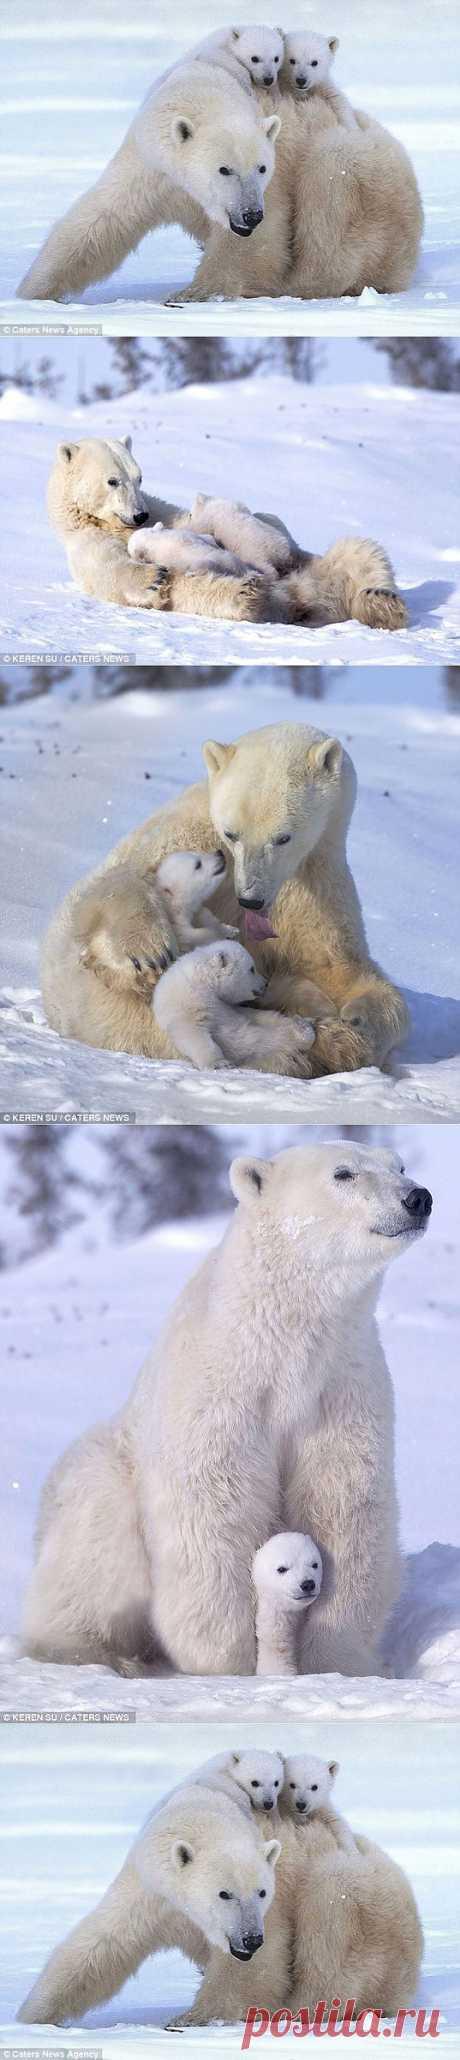 Белые мишки - семейные сценки).